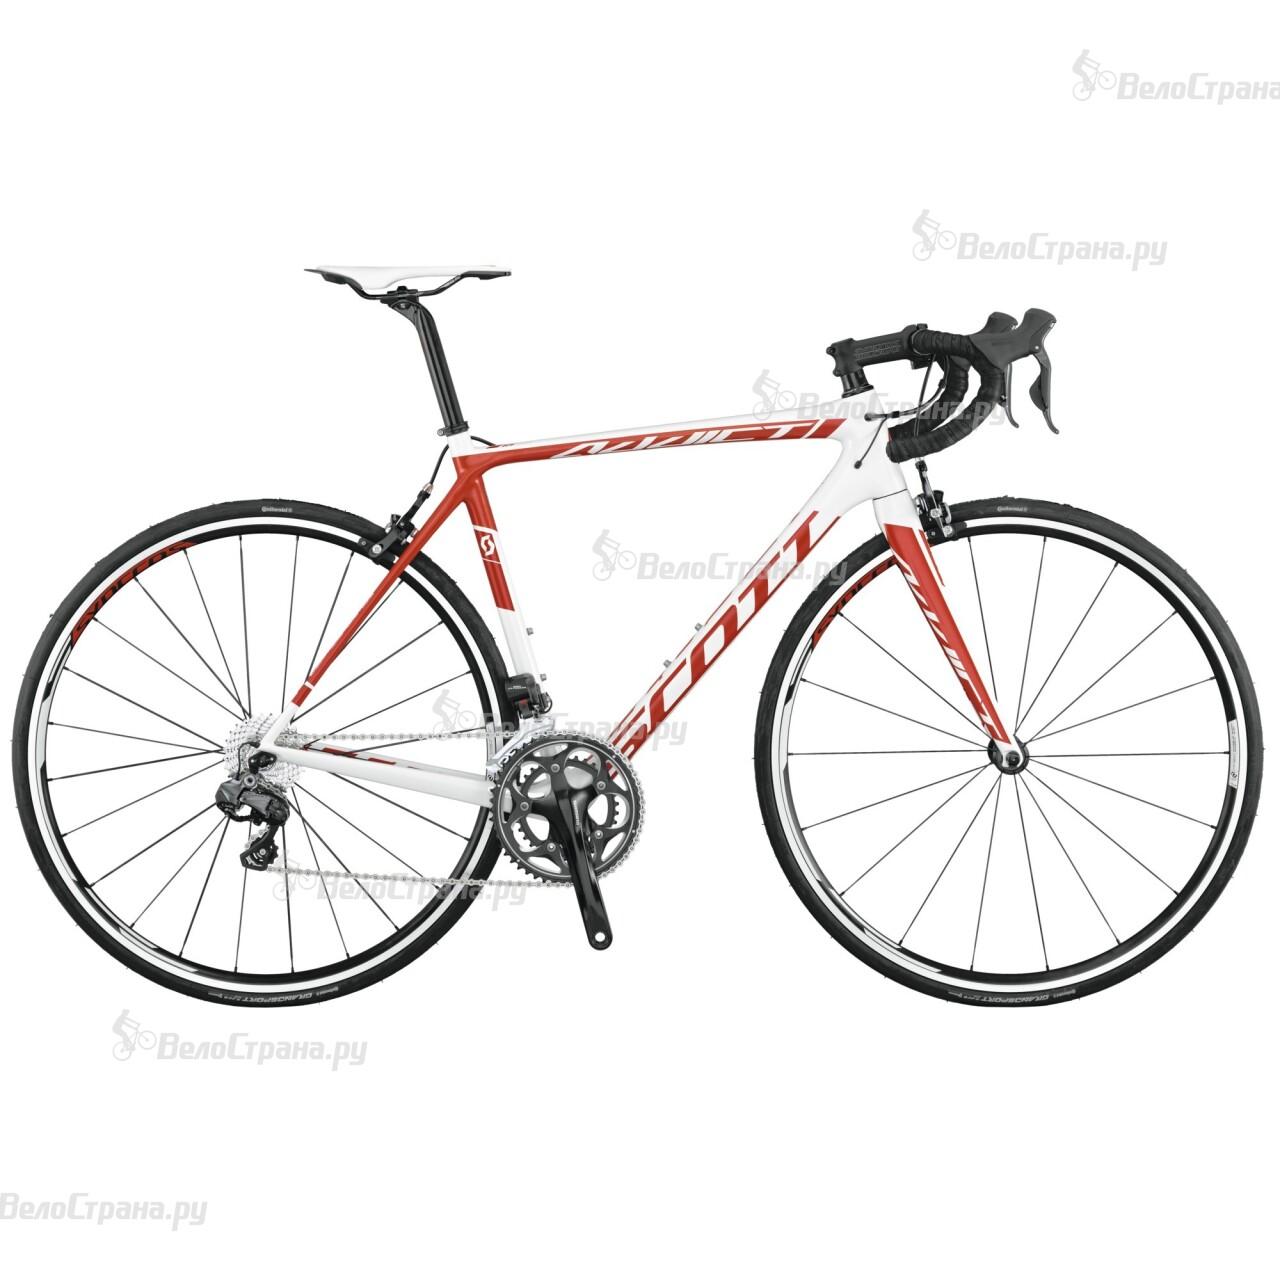 Велосипед Scott Addict 15 DI2 (2015)